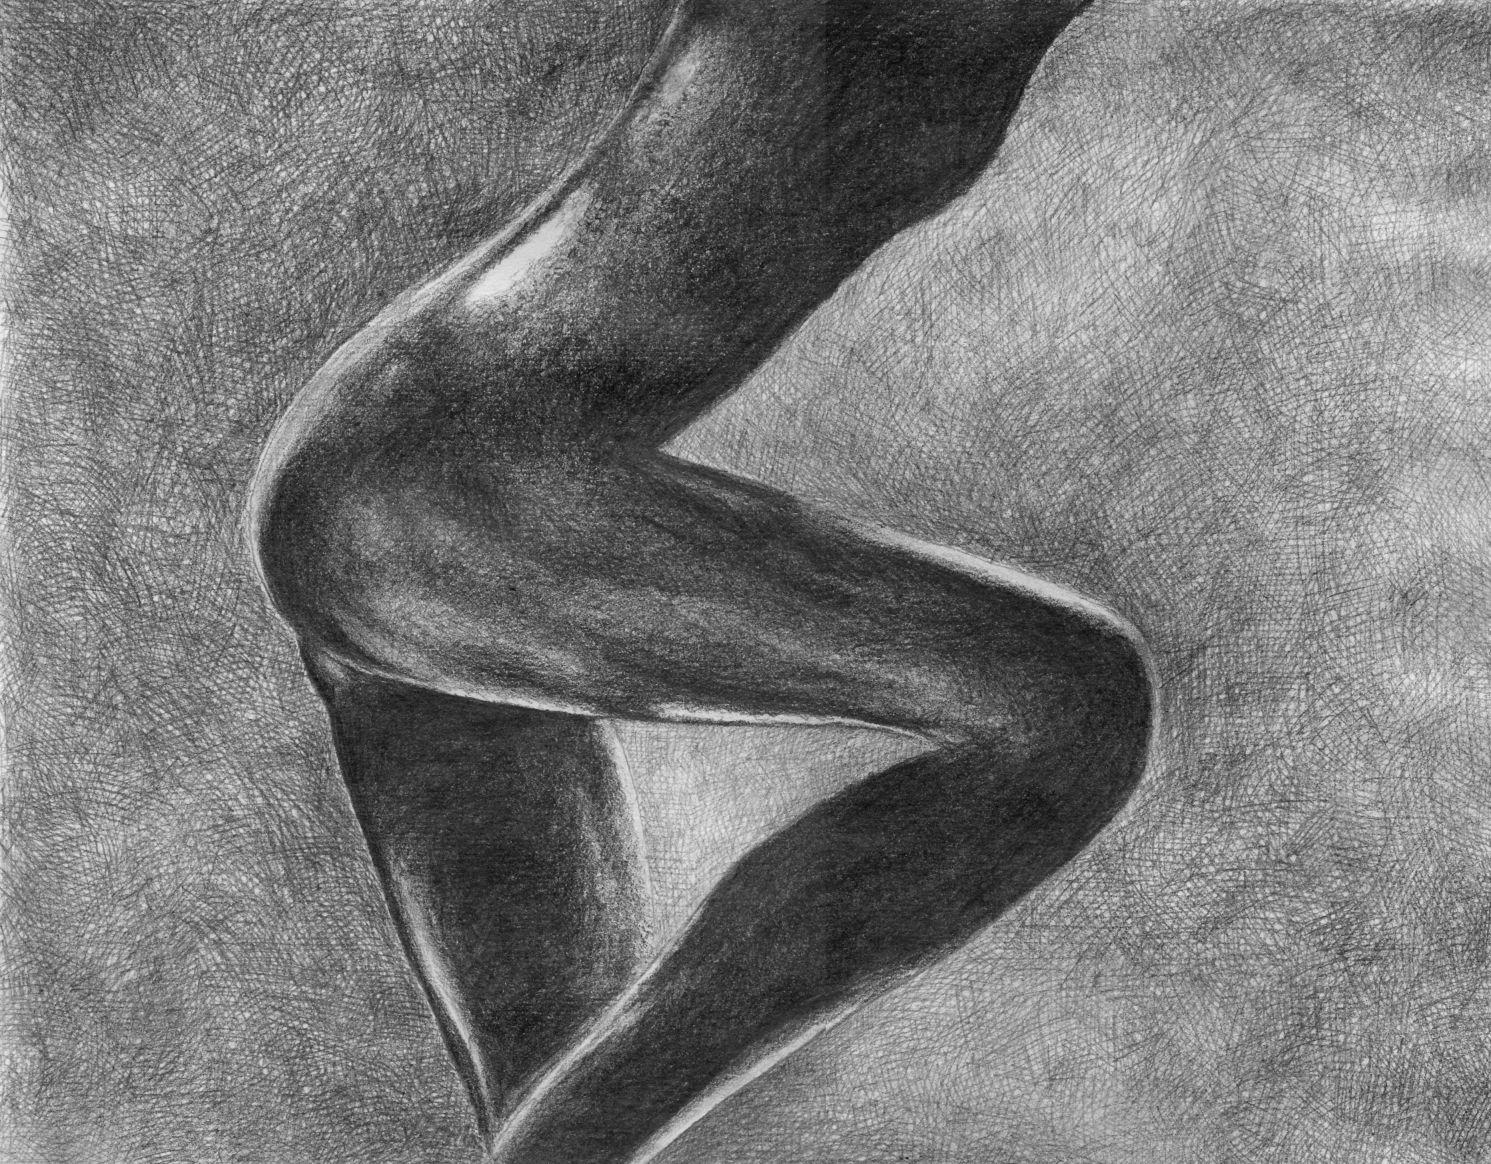 life_drawing2